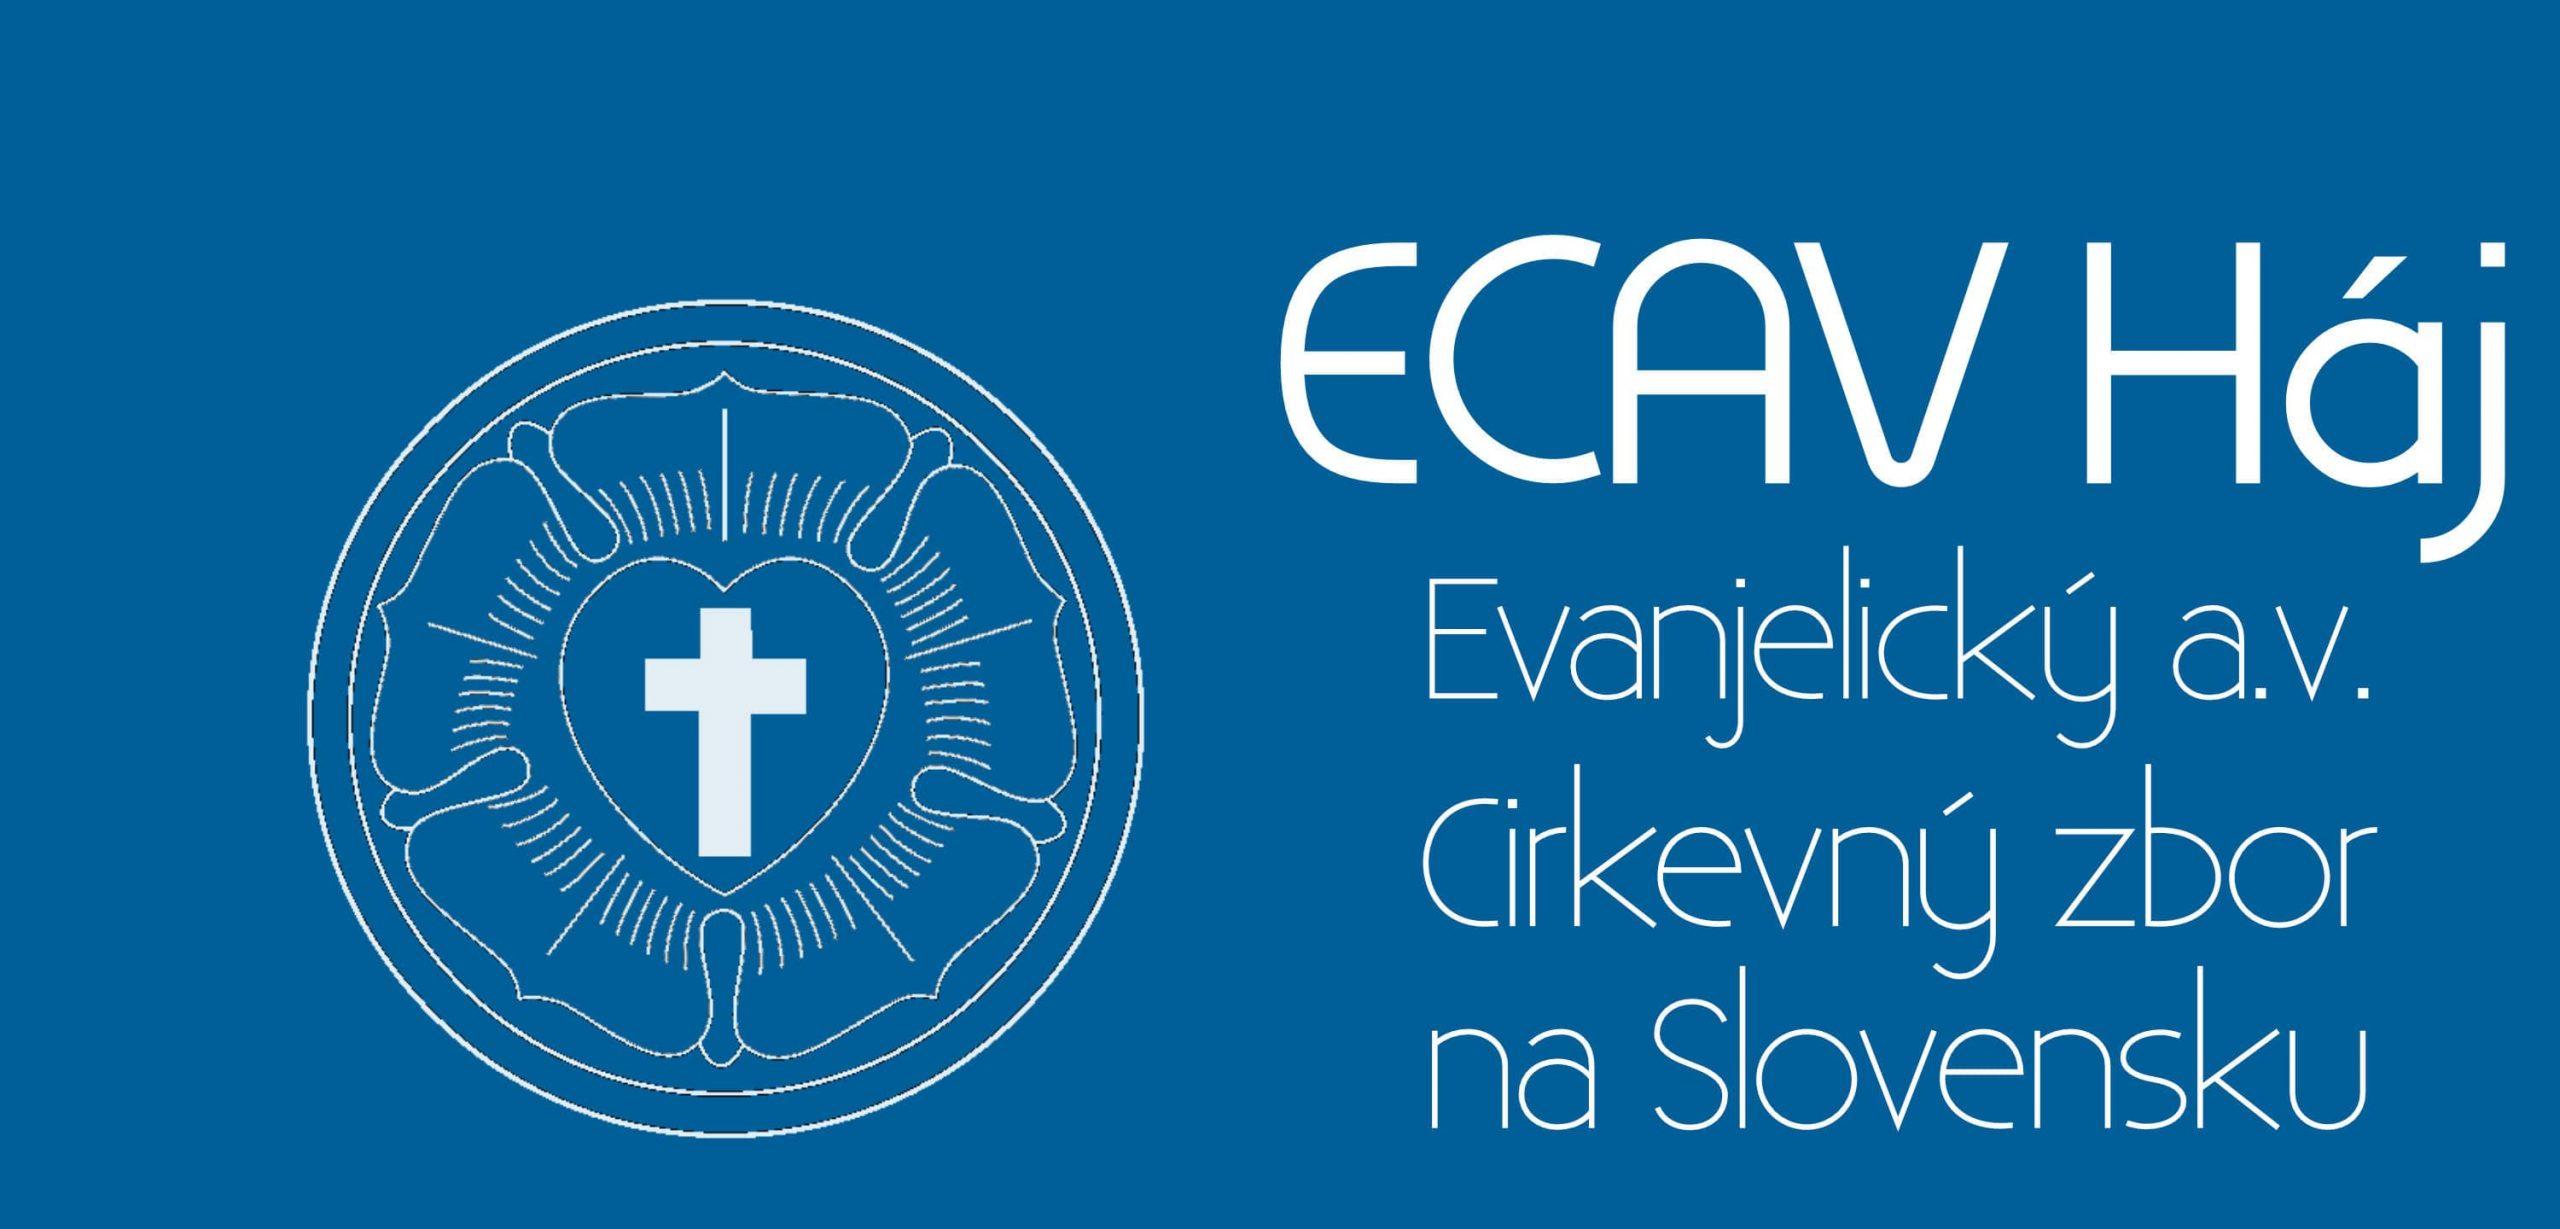 ECAV Háj